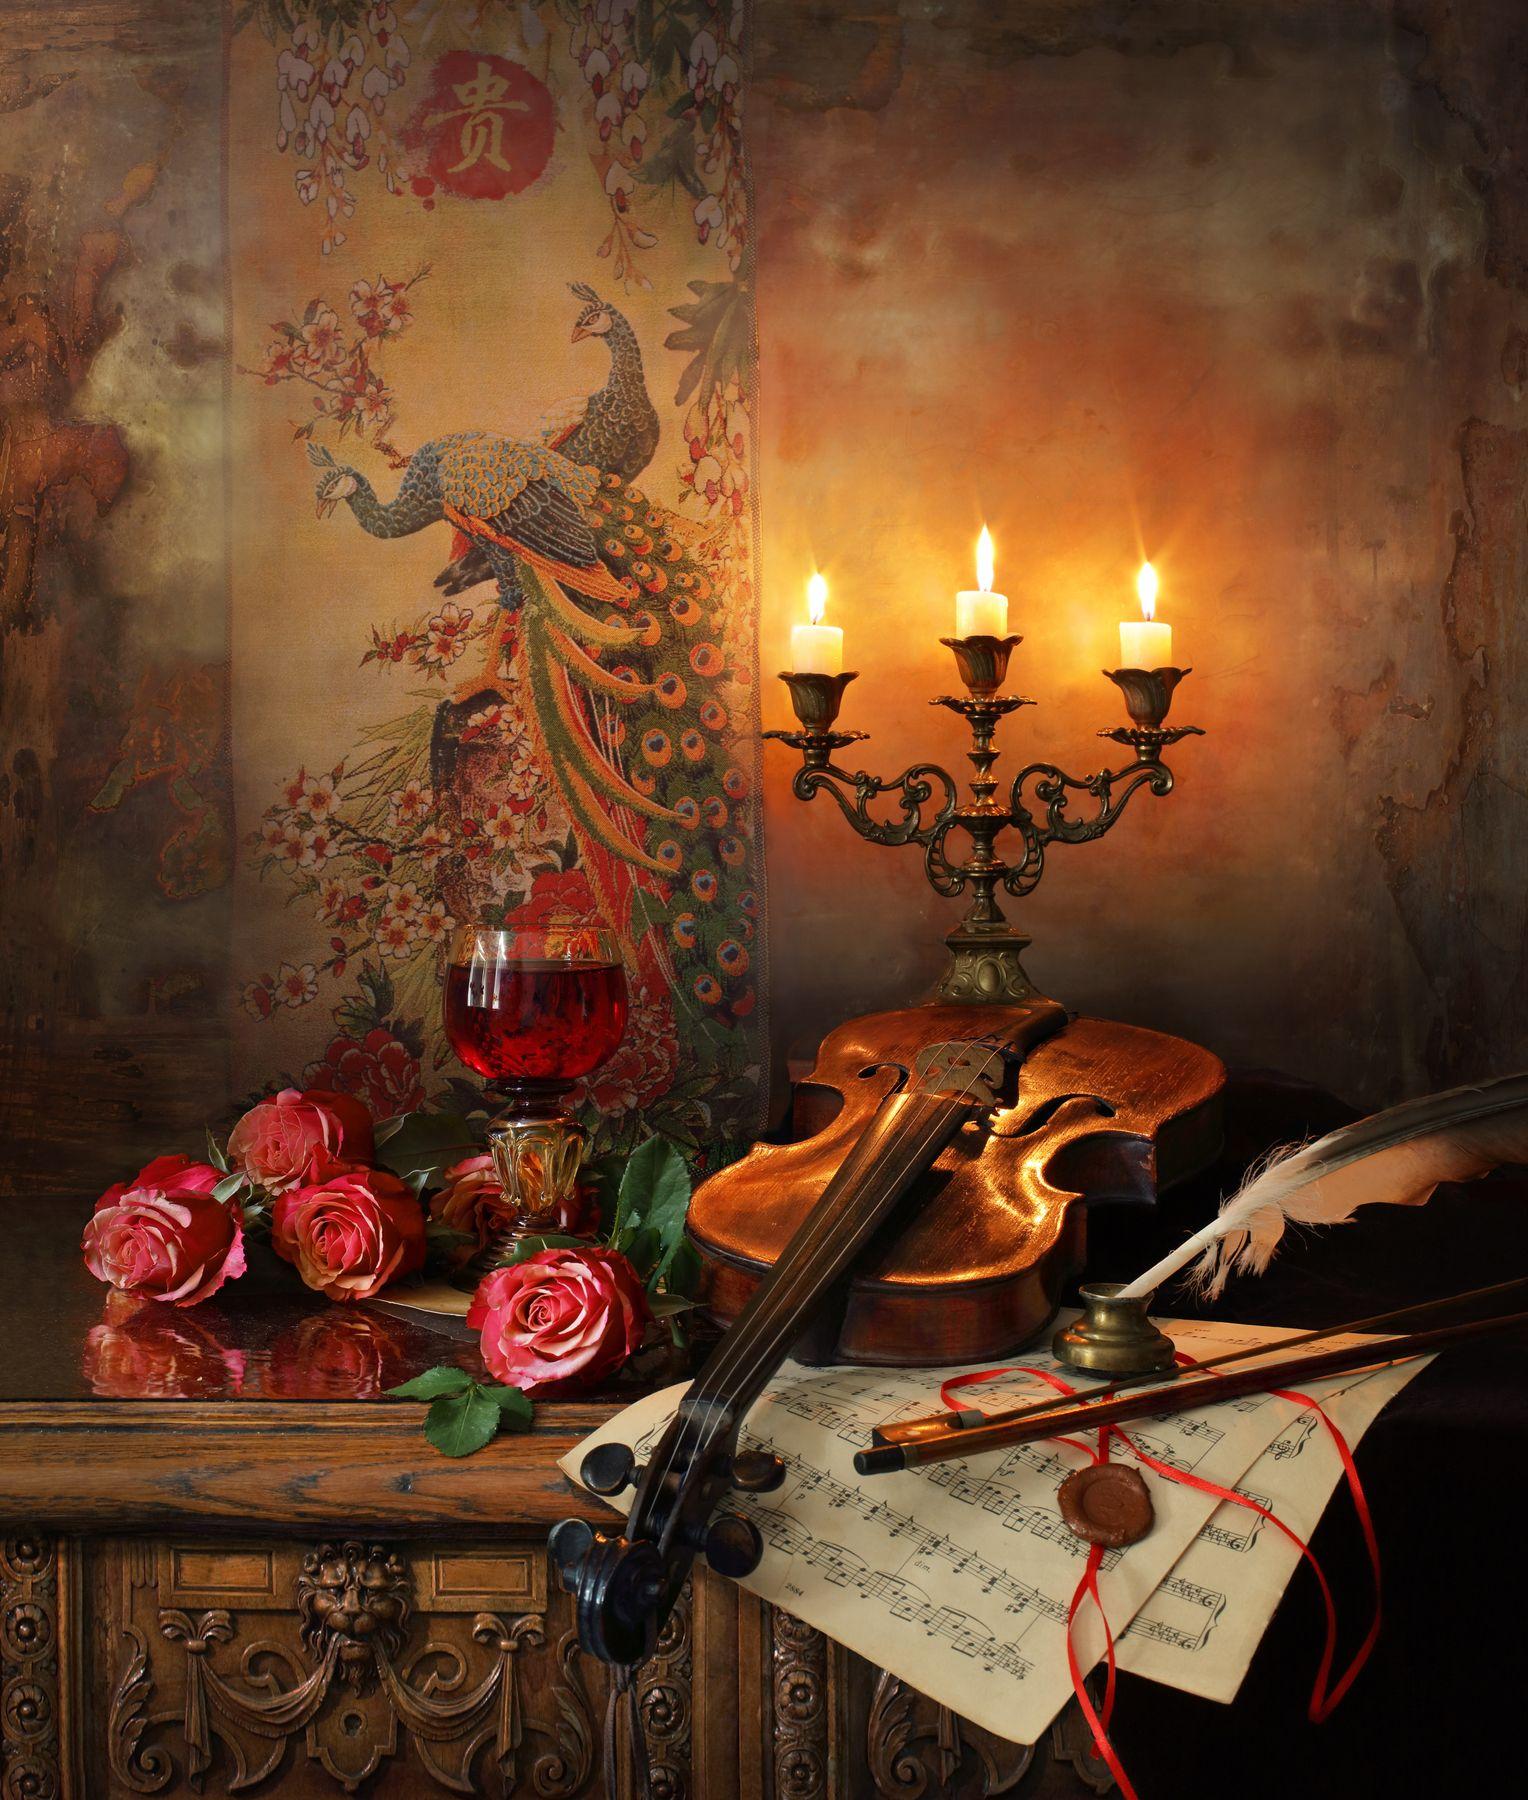 Натюрморт со скрипкой розами цветы розы картина музыка скрипка свечи